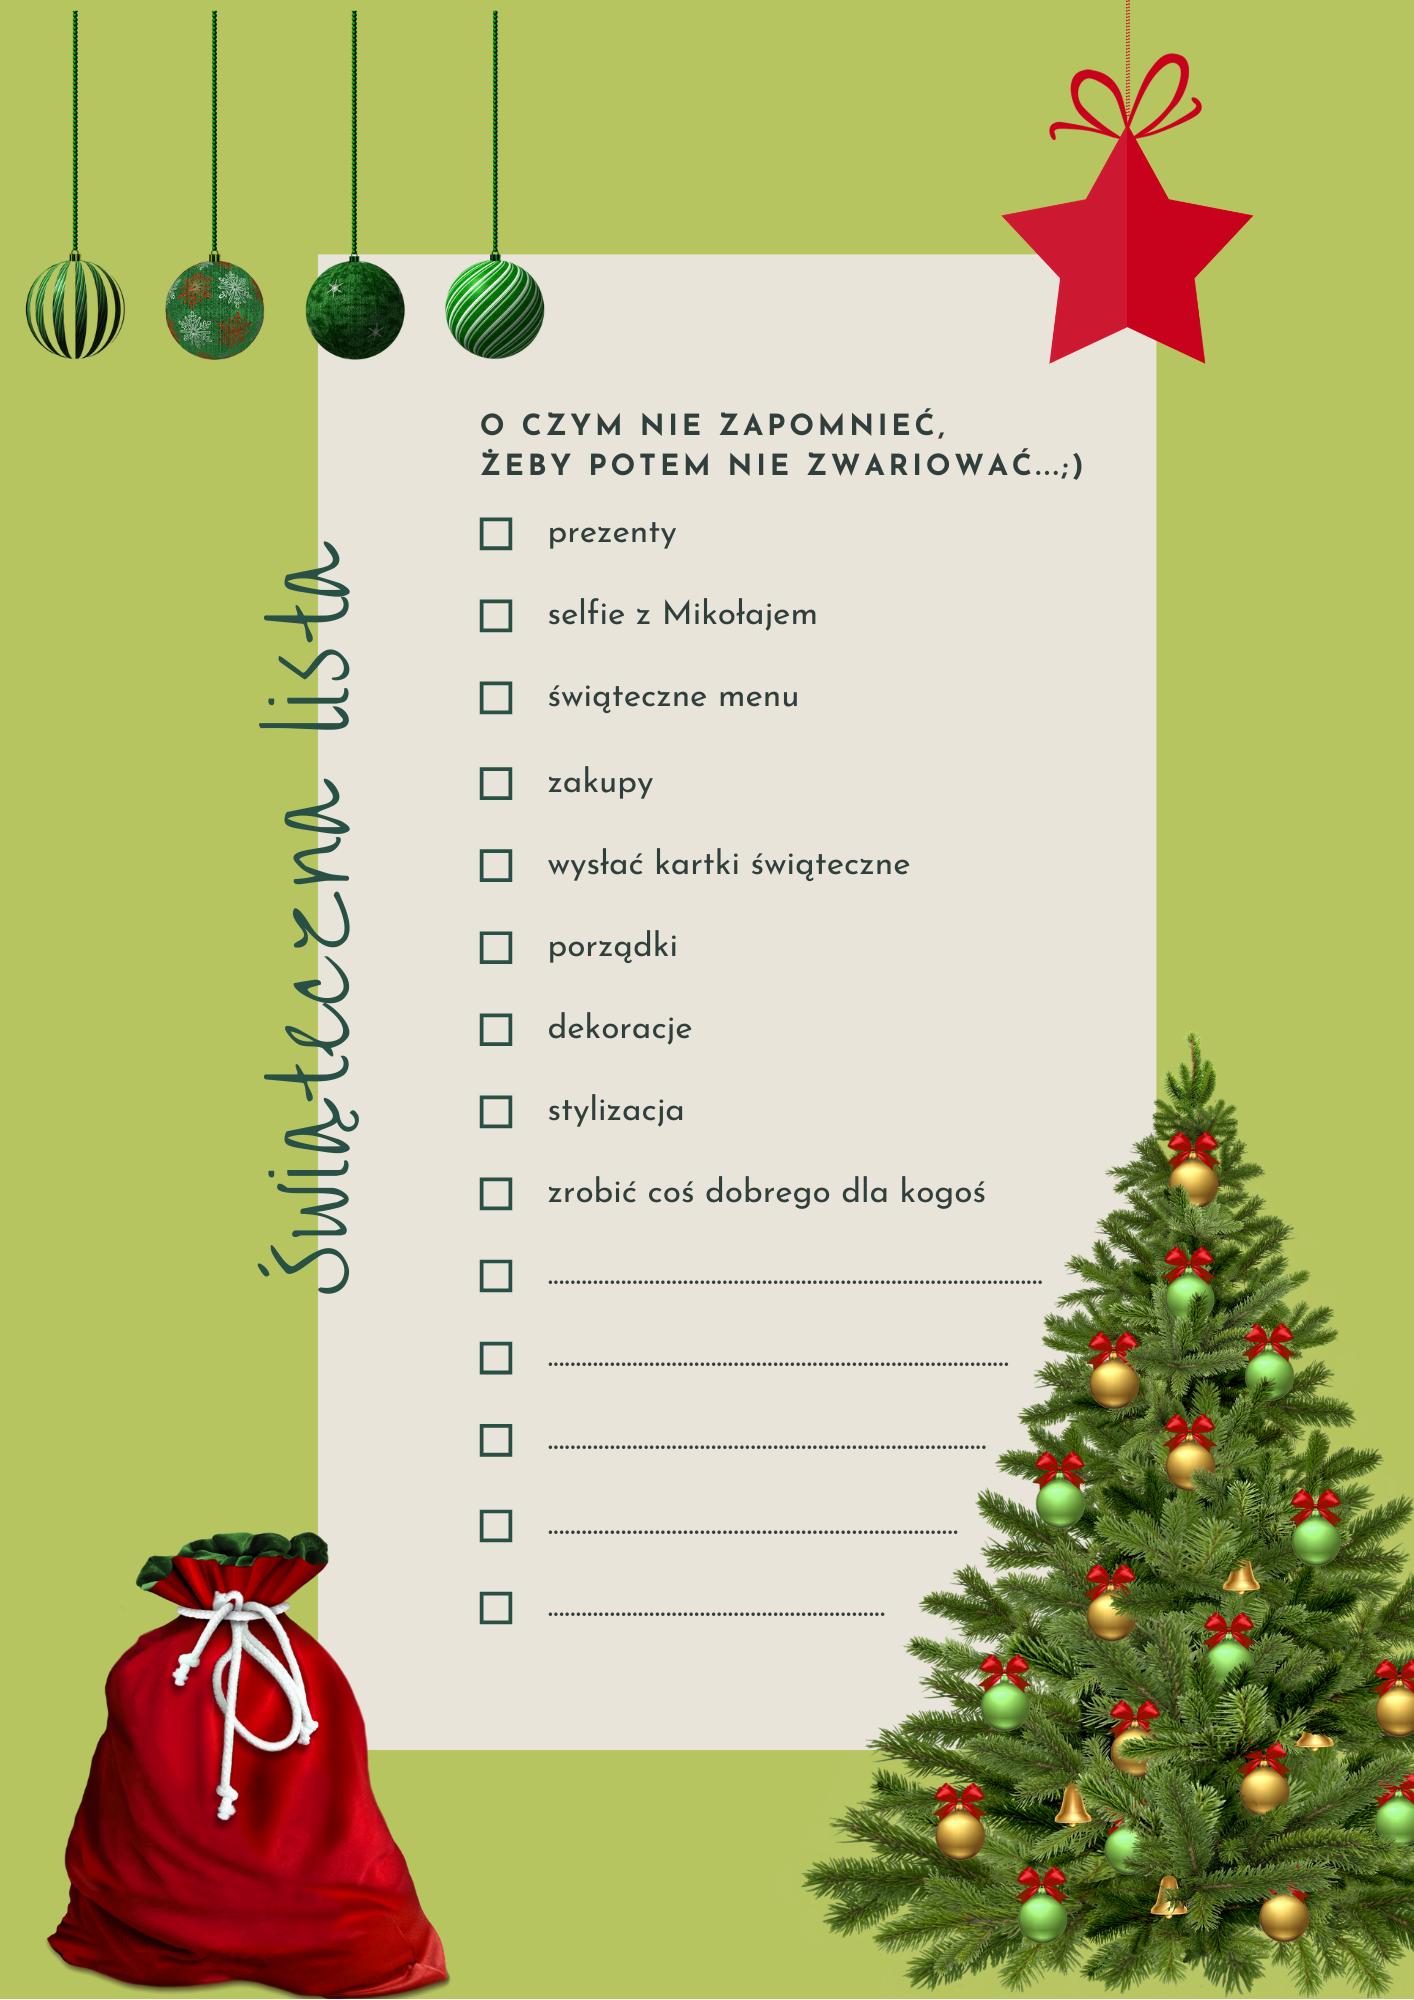 na obrazku znajdują się choinka i świąteczne ozdoby oraz worek na prezenty i lista rzeczy do załatwienia